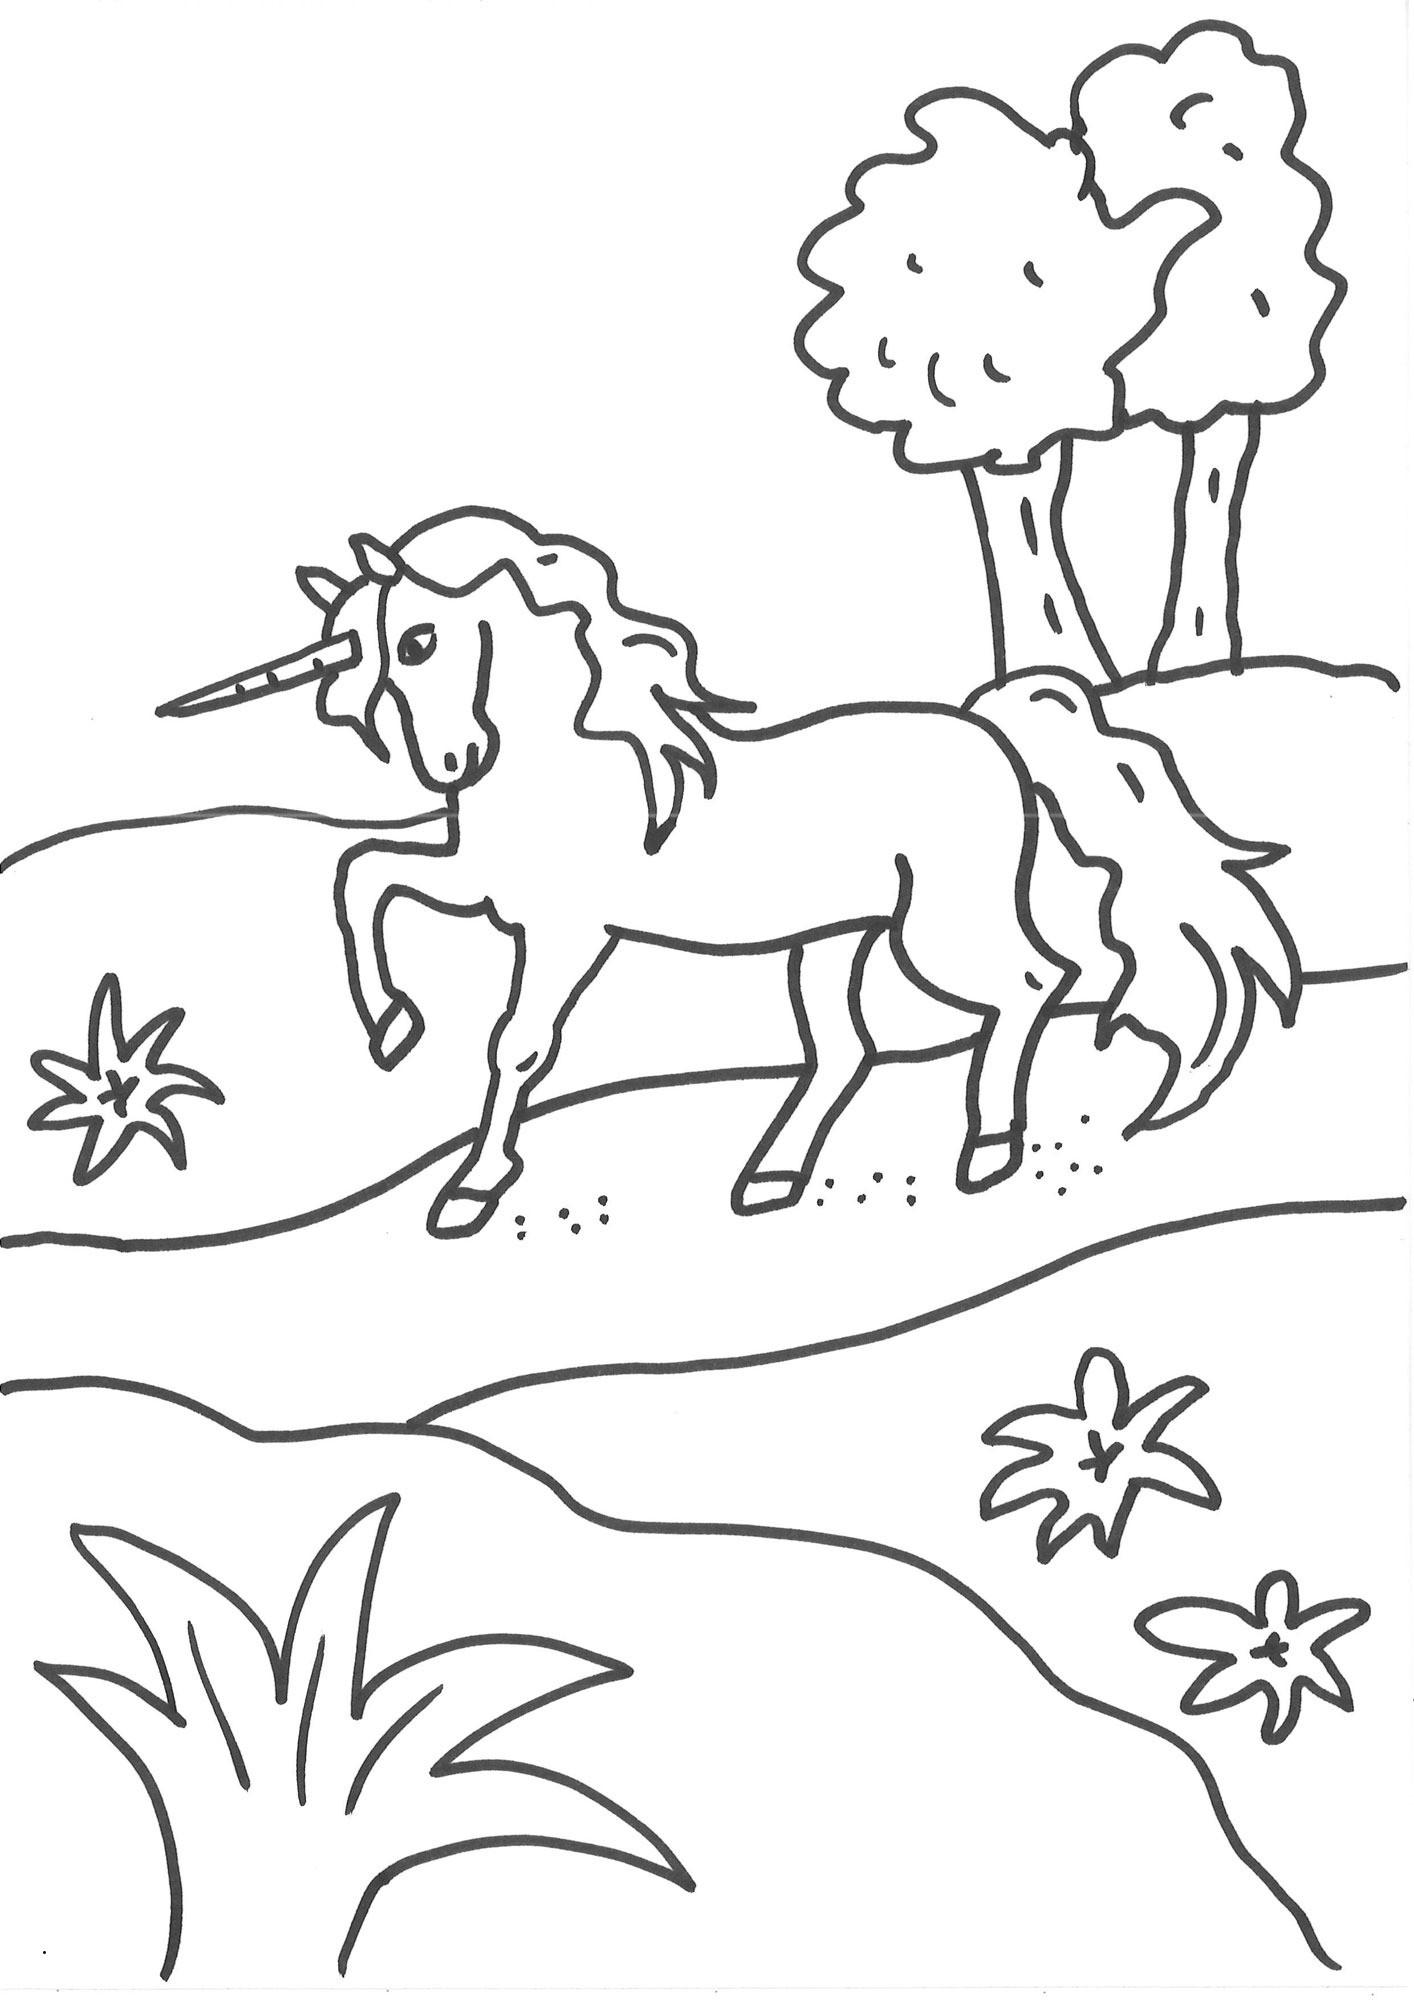 Einhorn Bilder Zum Drucken Neu 48 Beispiel Einhörner Mit Flügeln Ausmalbilder Treehouse Nyc Fotos